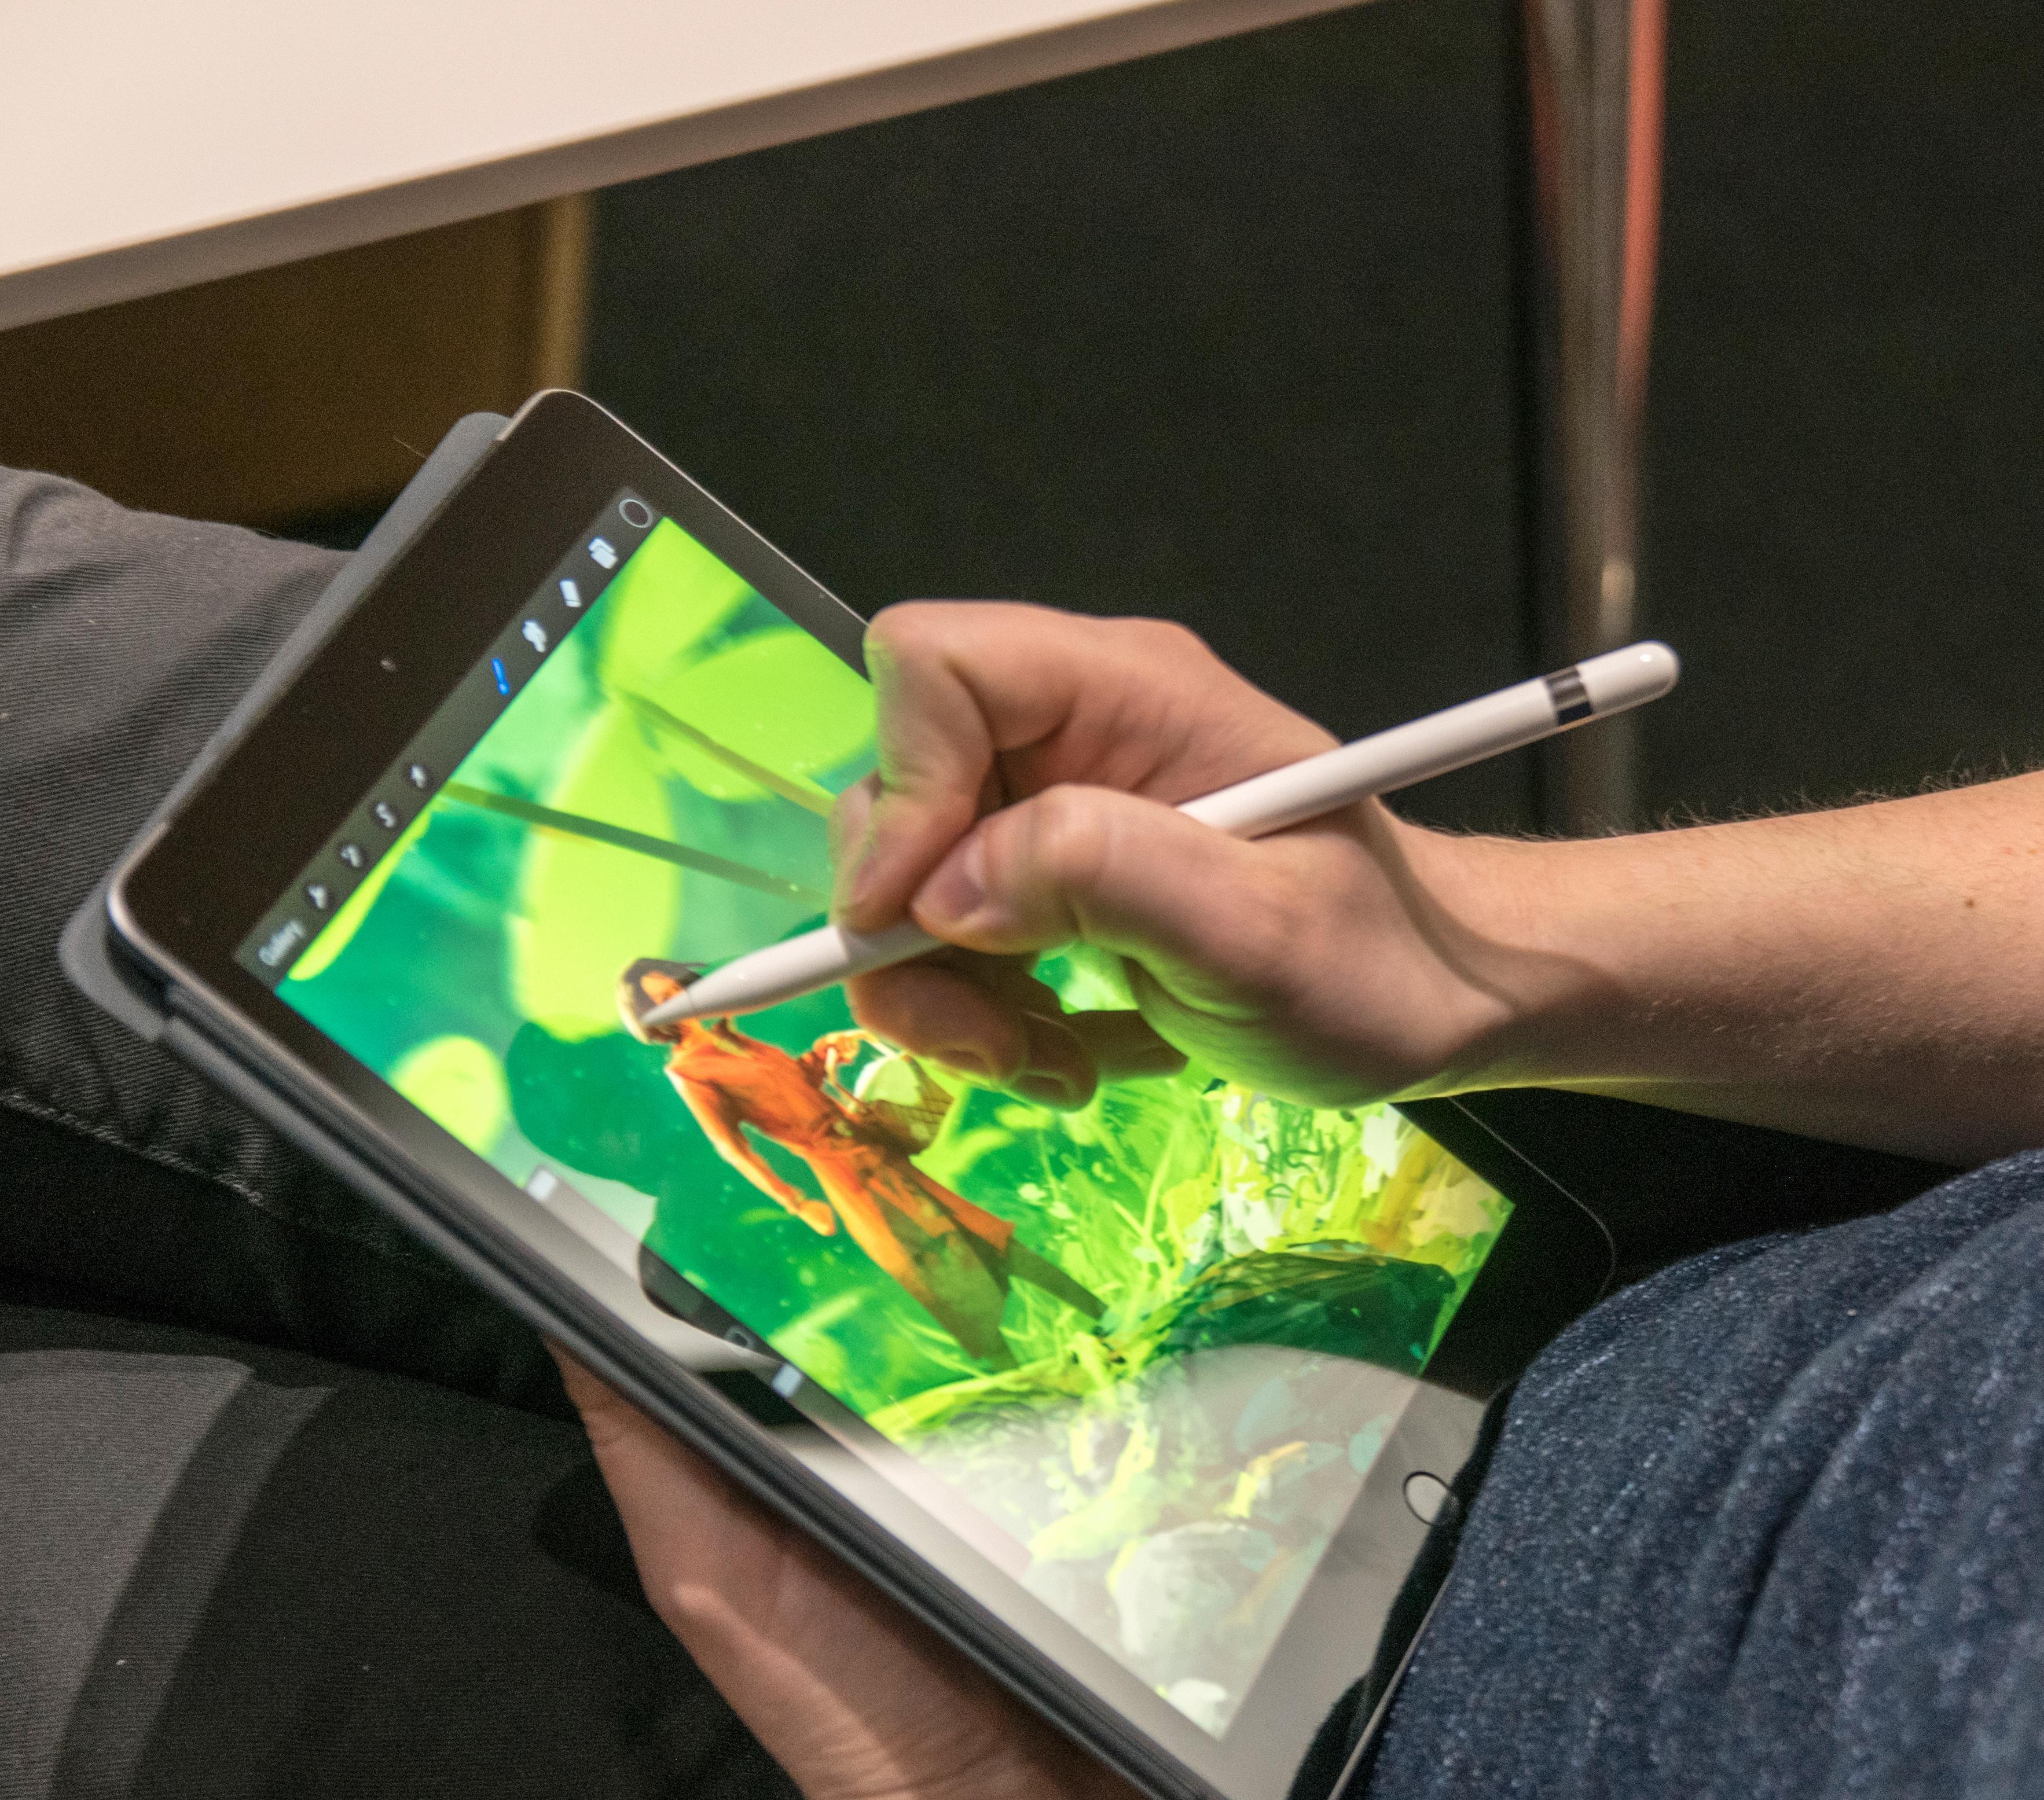 iPad 2018, eller iPad 6 om du vil, fikk pennestøtte. Nå sier ryktene at skjermstørrelsen skal øke i 2019-modellen.